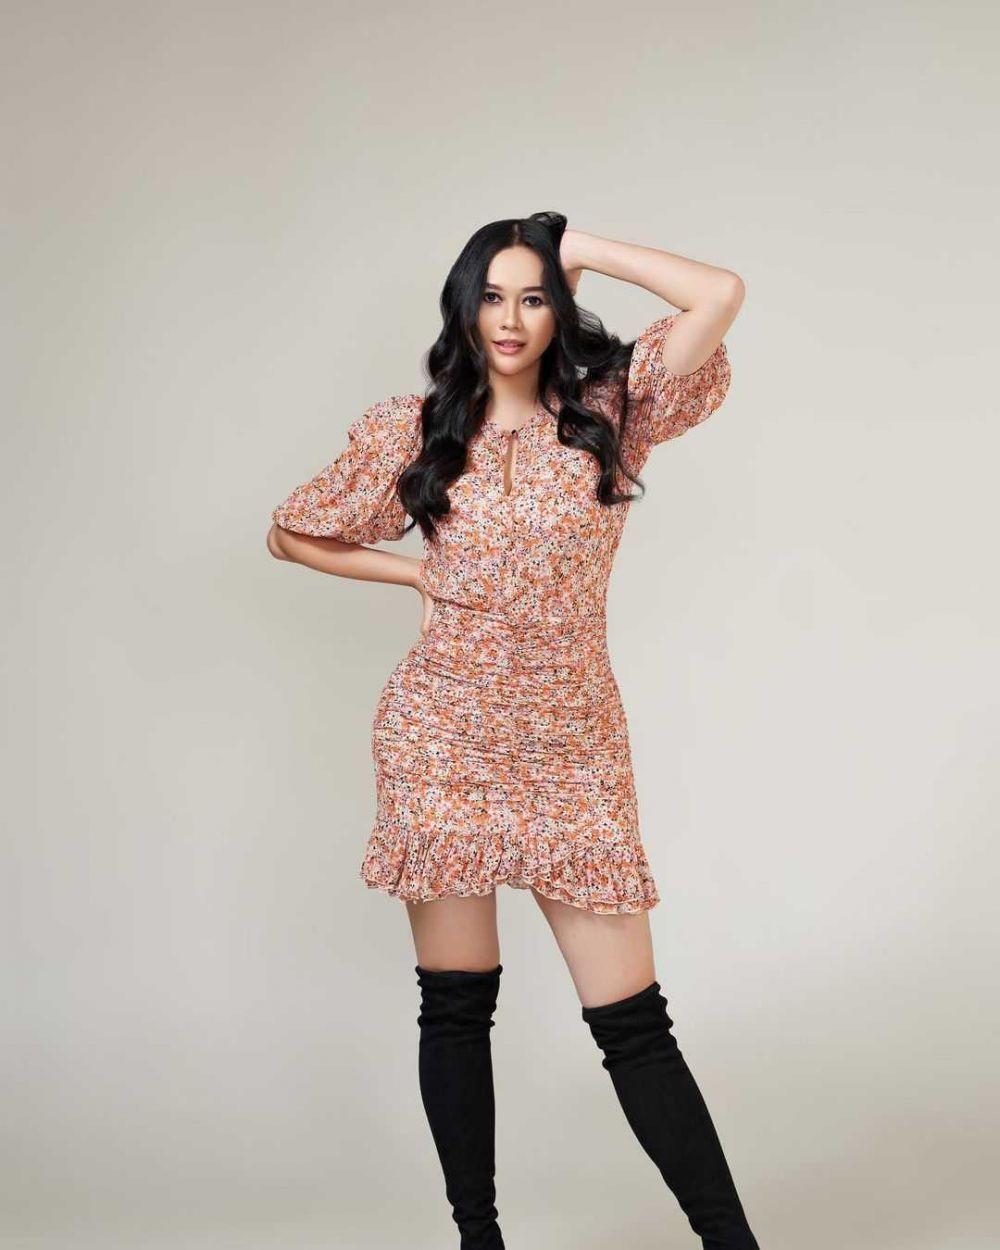 9 Penyanyi Indonesia Ini Menikah dengan Pria Bule, Ada yang Cerai!